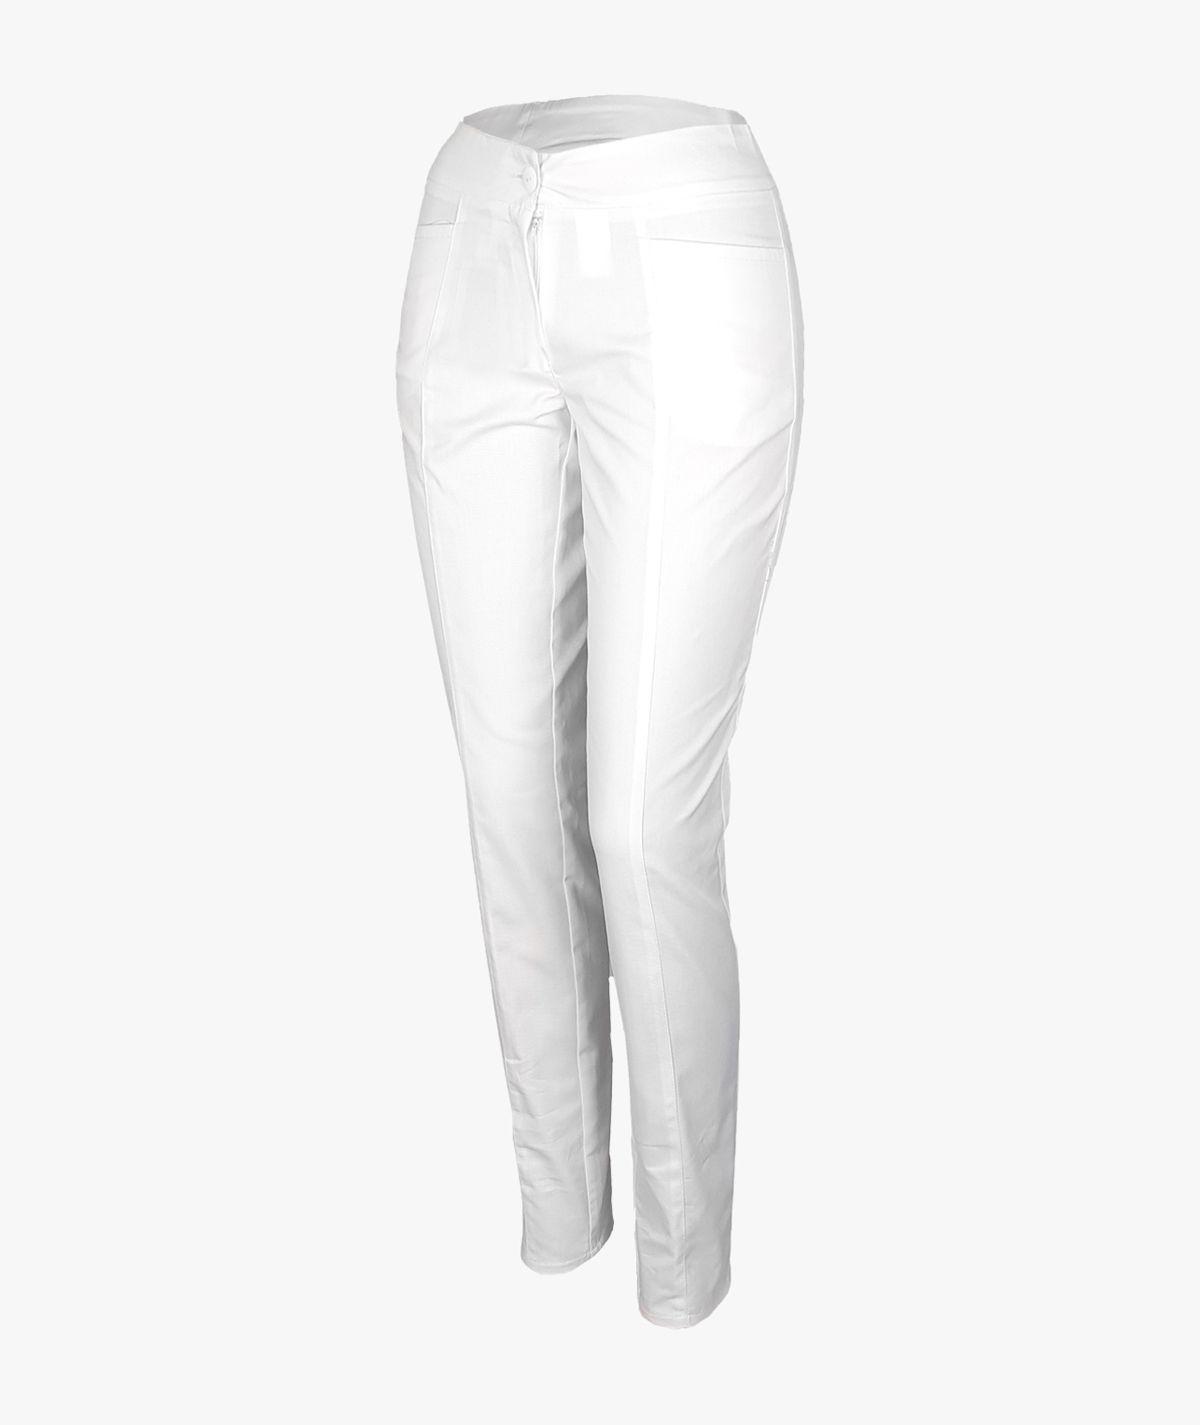 Białe spodnie rurki medyczne damskie